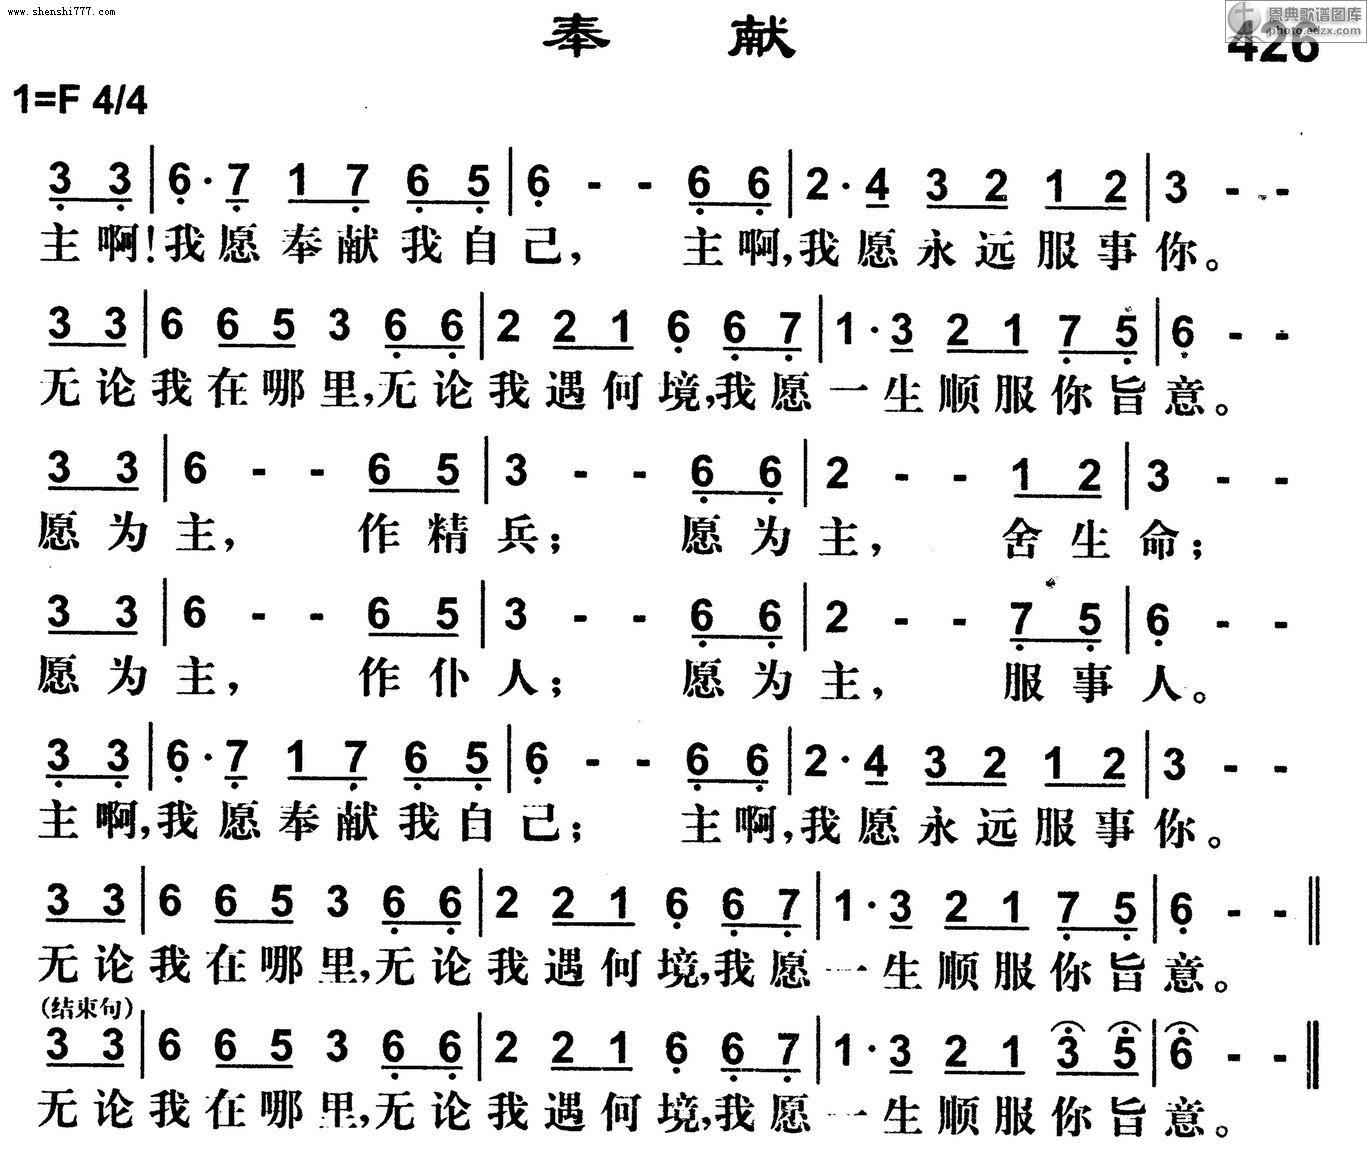 426首奉献 - 基督教歌谱赞美诗歌谱